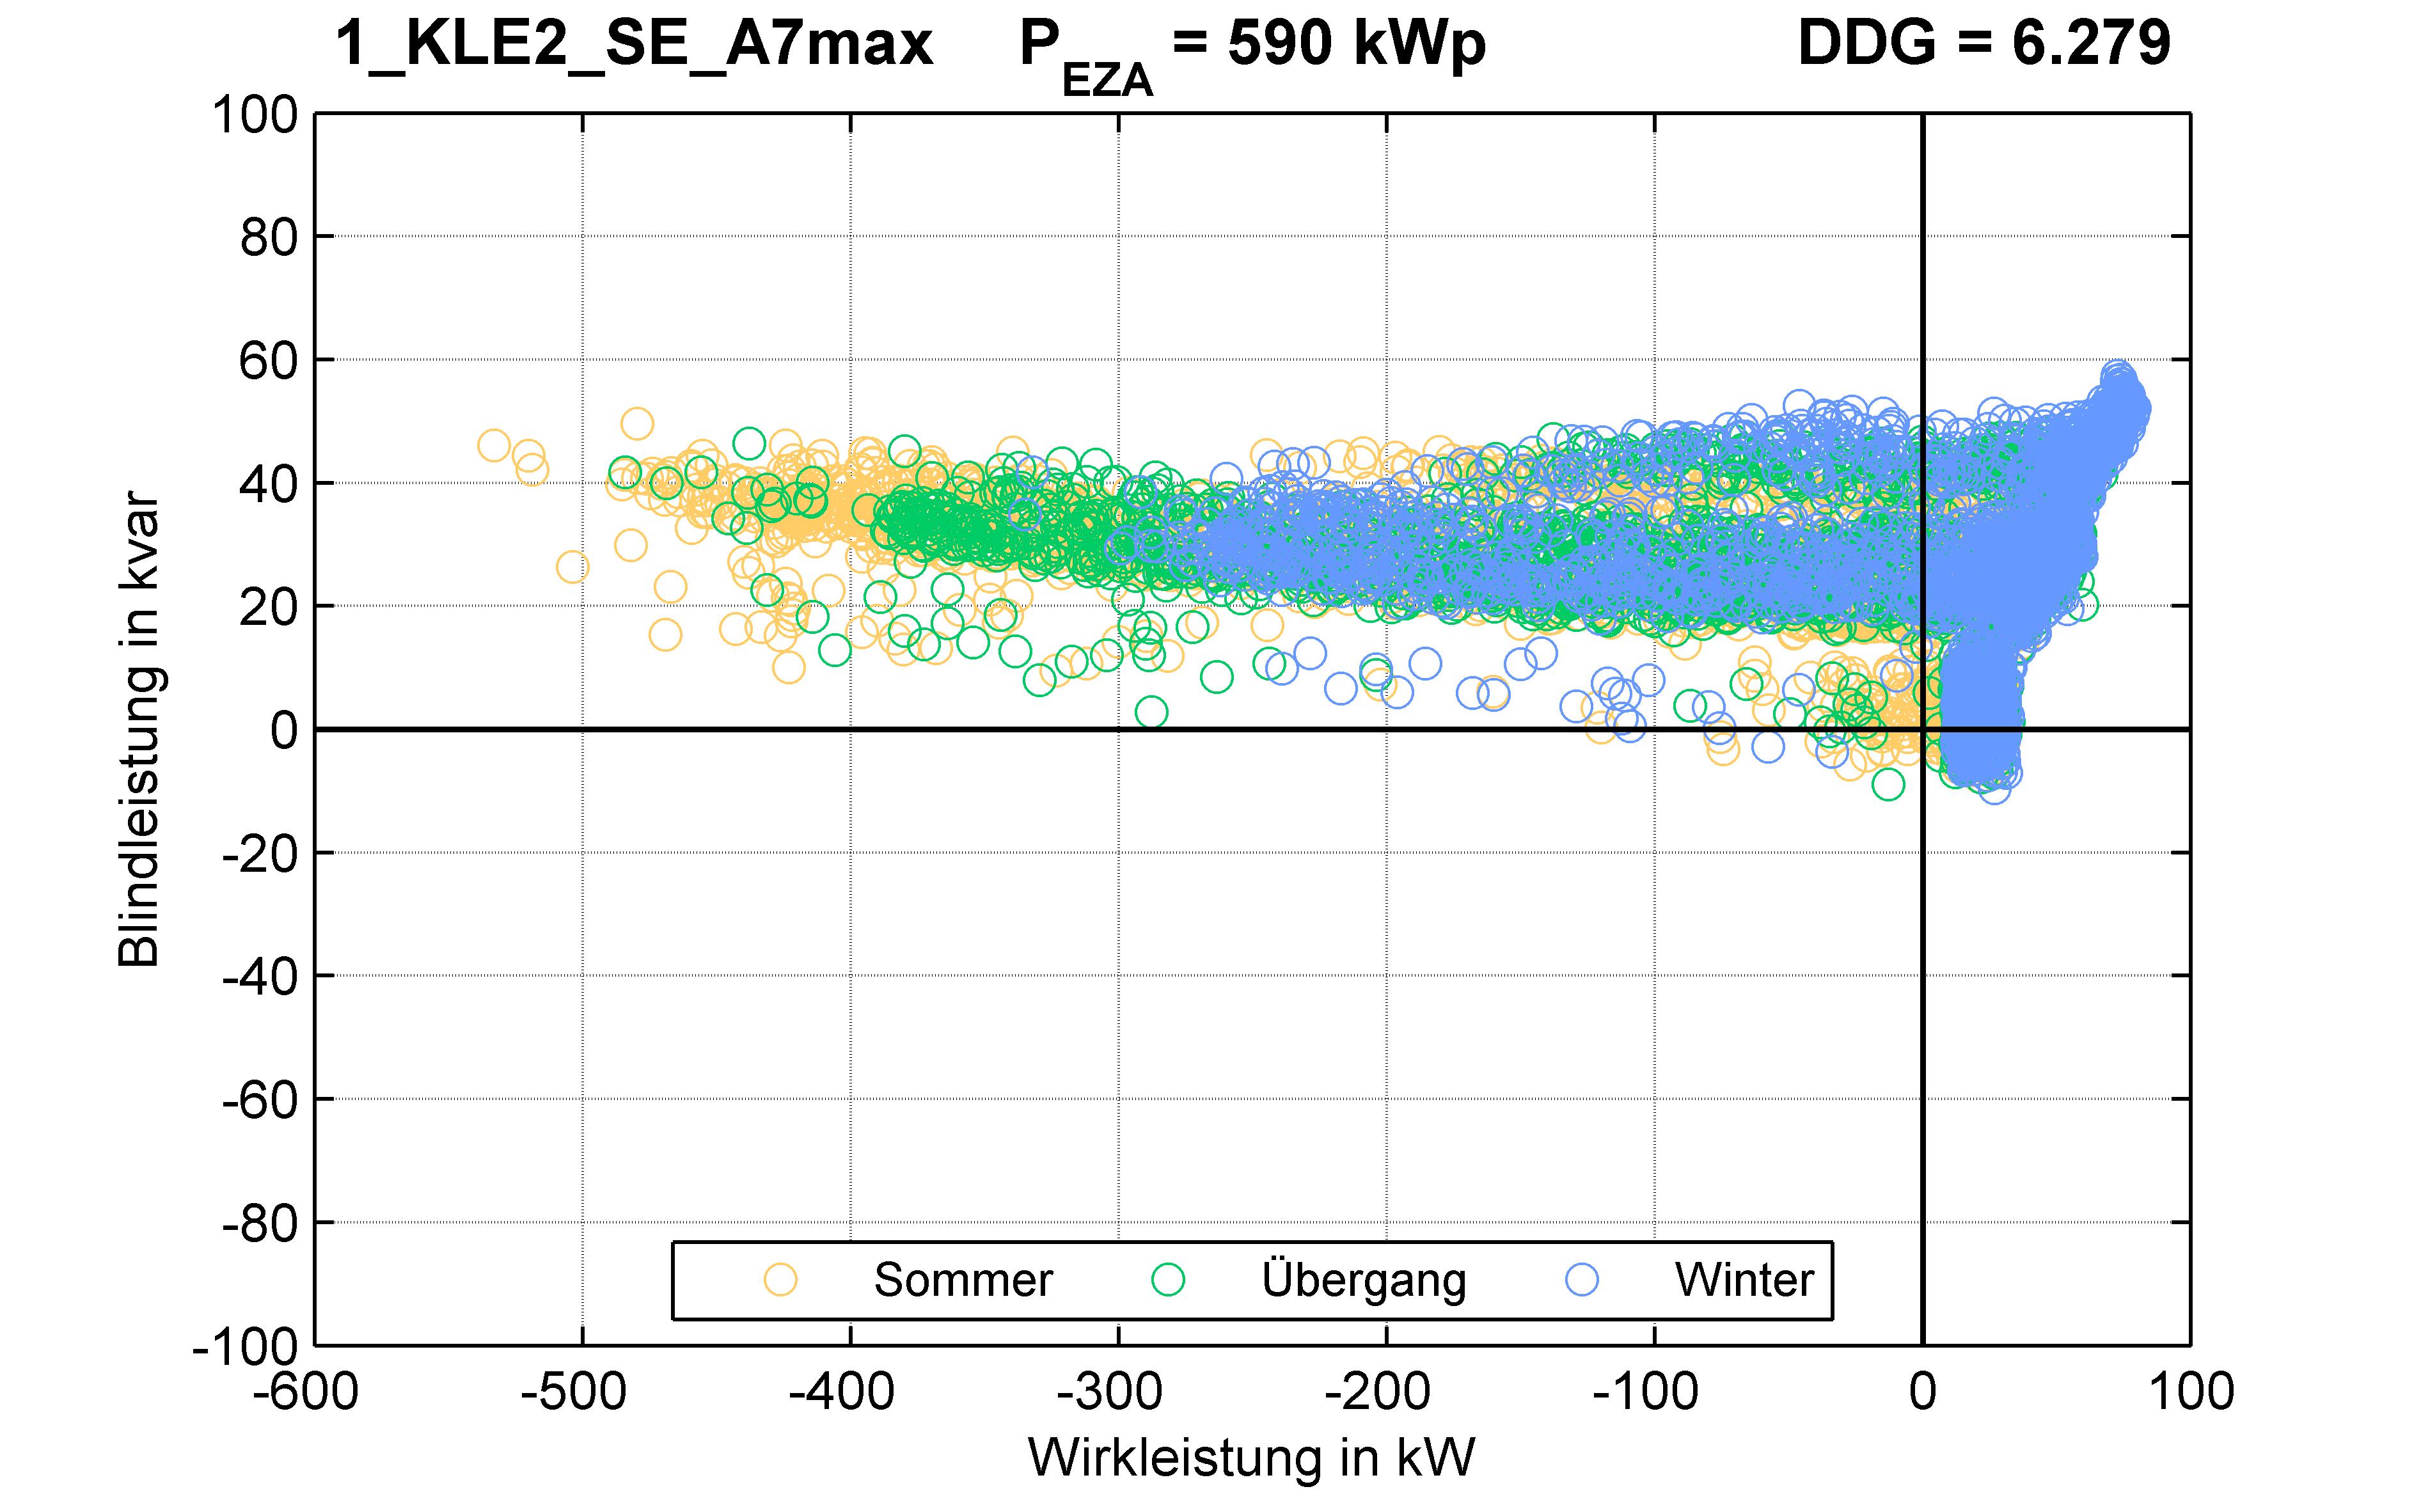 KLE2 | KABEL (SE) A7max | PQ-Verhalten